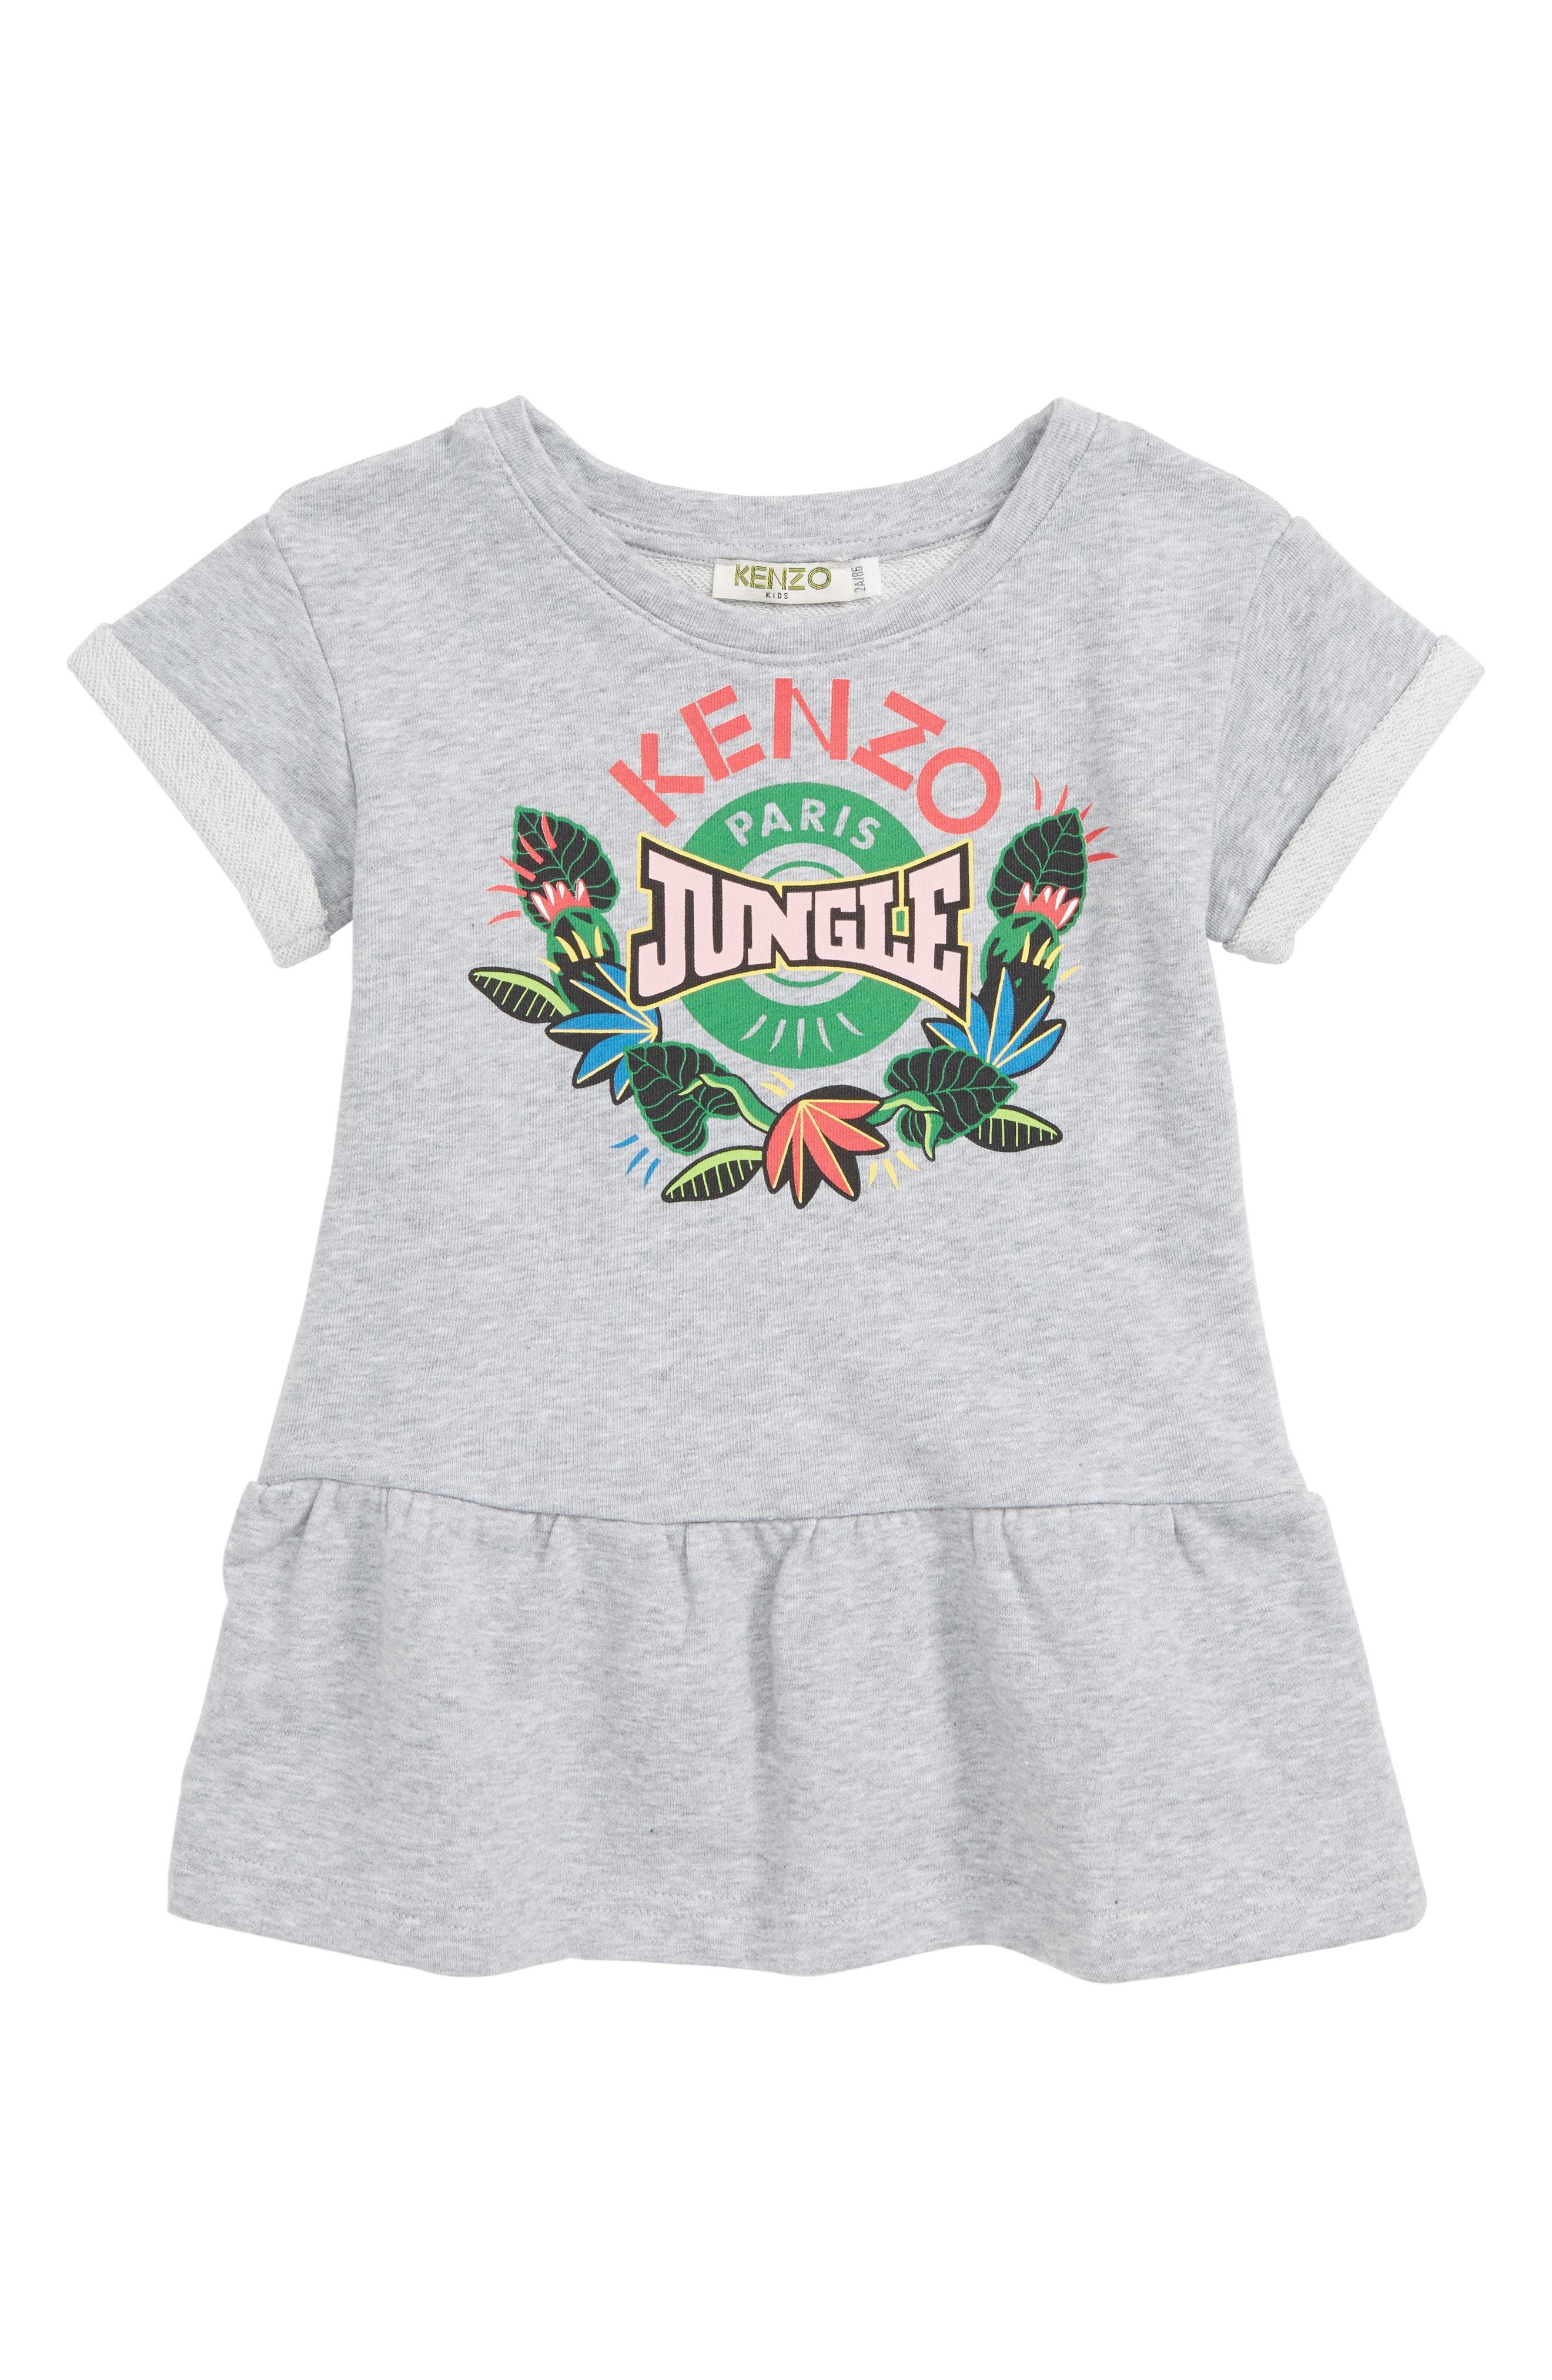 KENZO, Jungle Fleece Dress, Main thumbnail 1, color, MARLE GREY